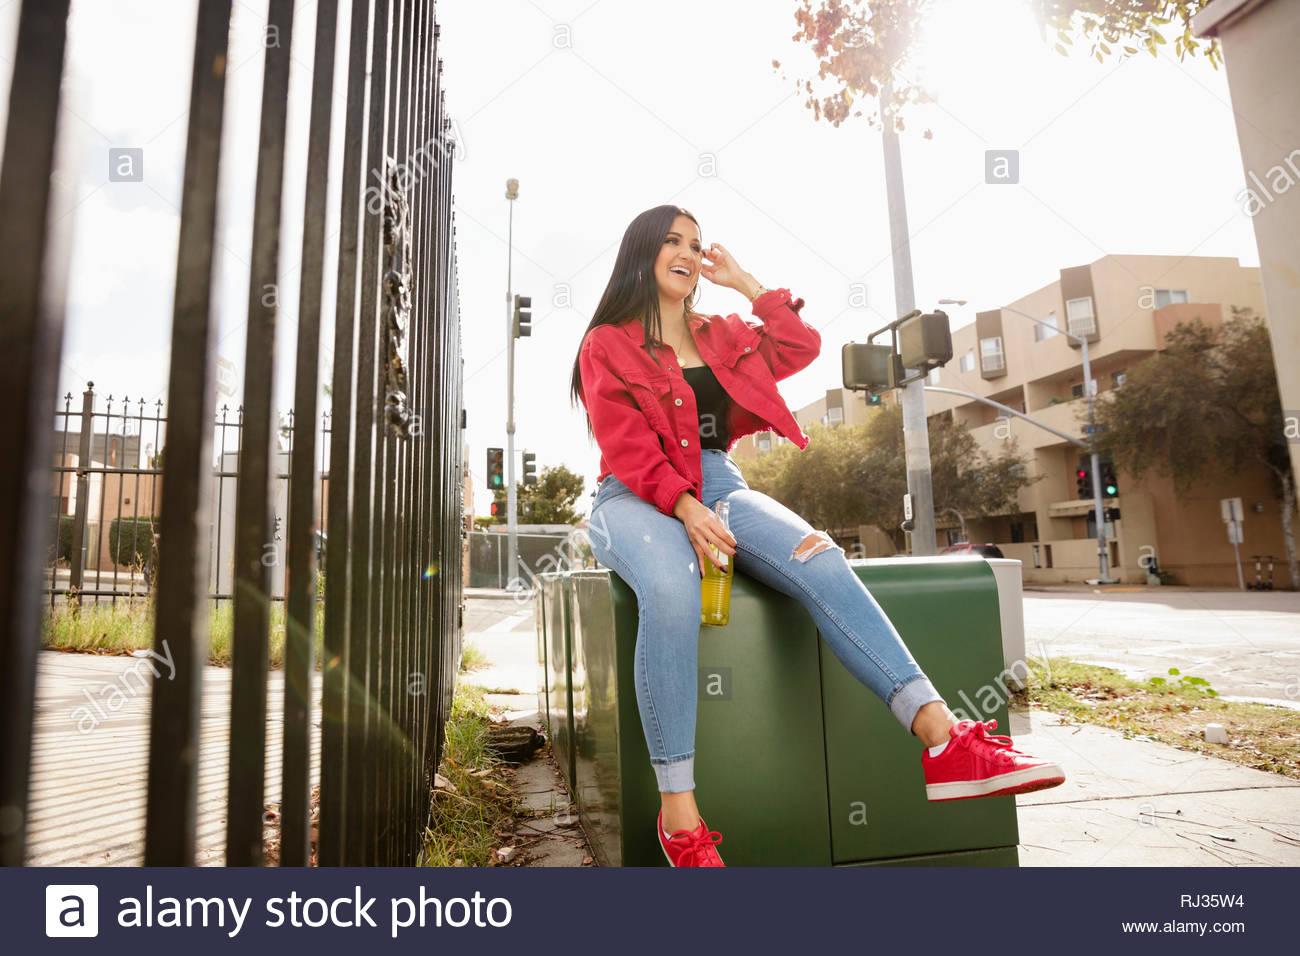 Latinx despreocupada joven sentado en cuadro de electricidad Imagen De Stock